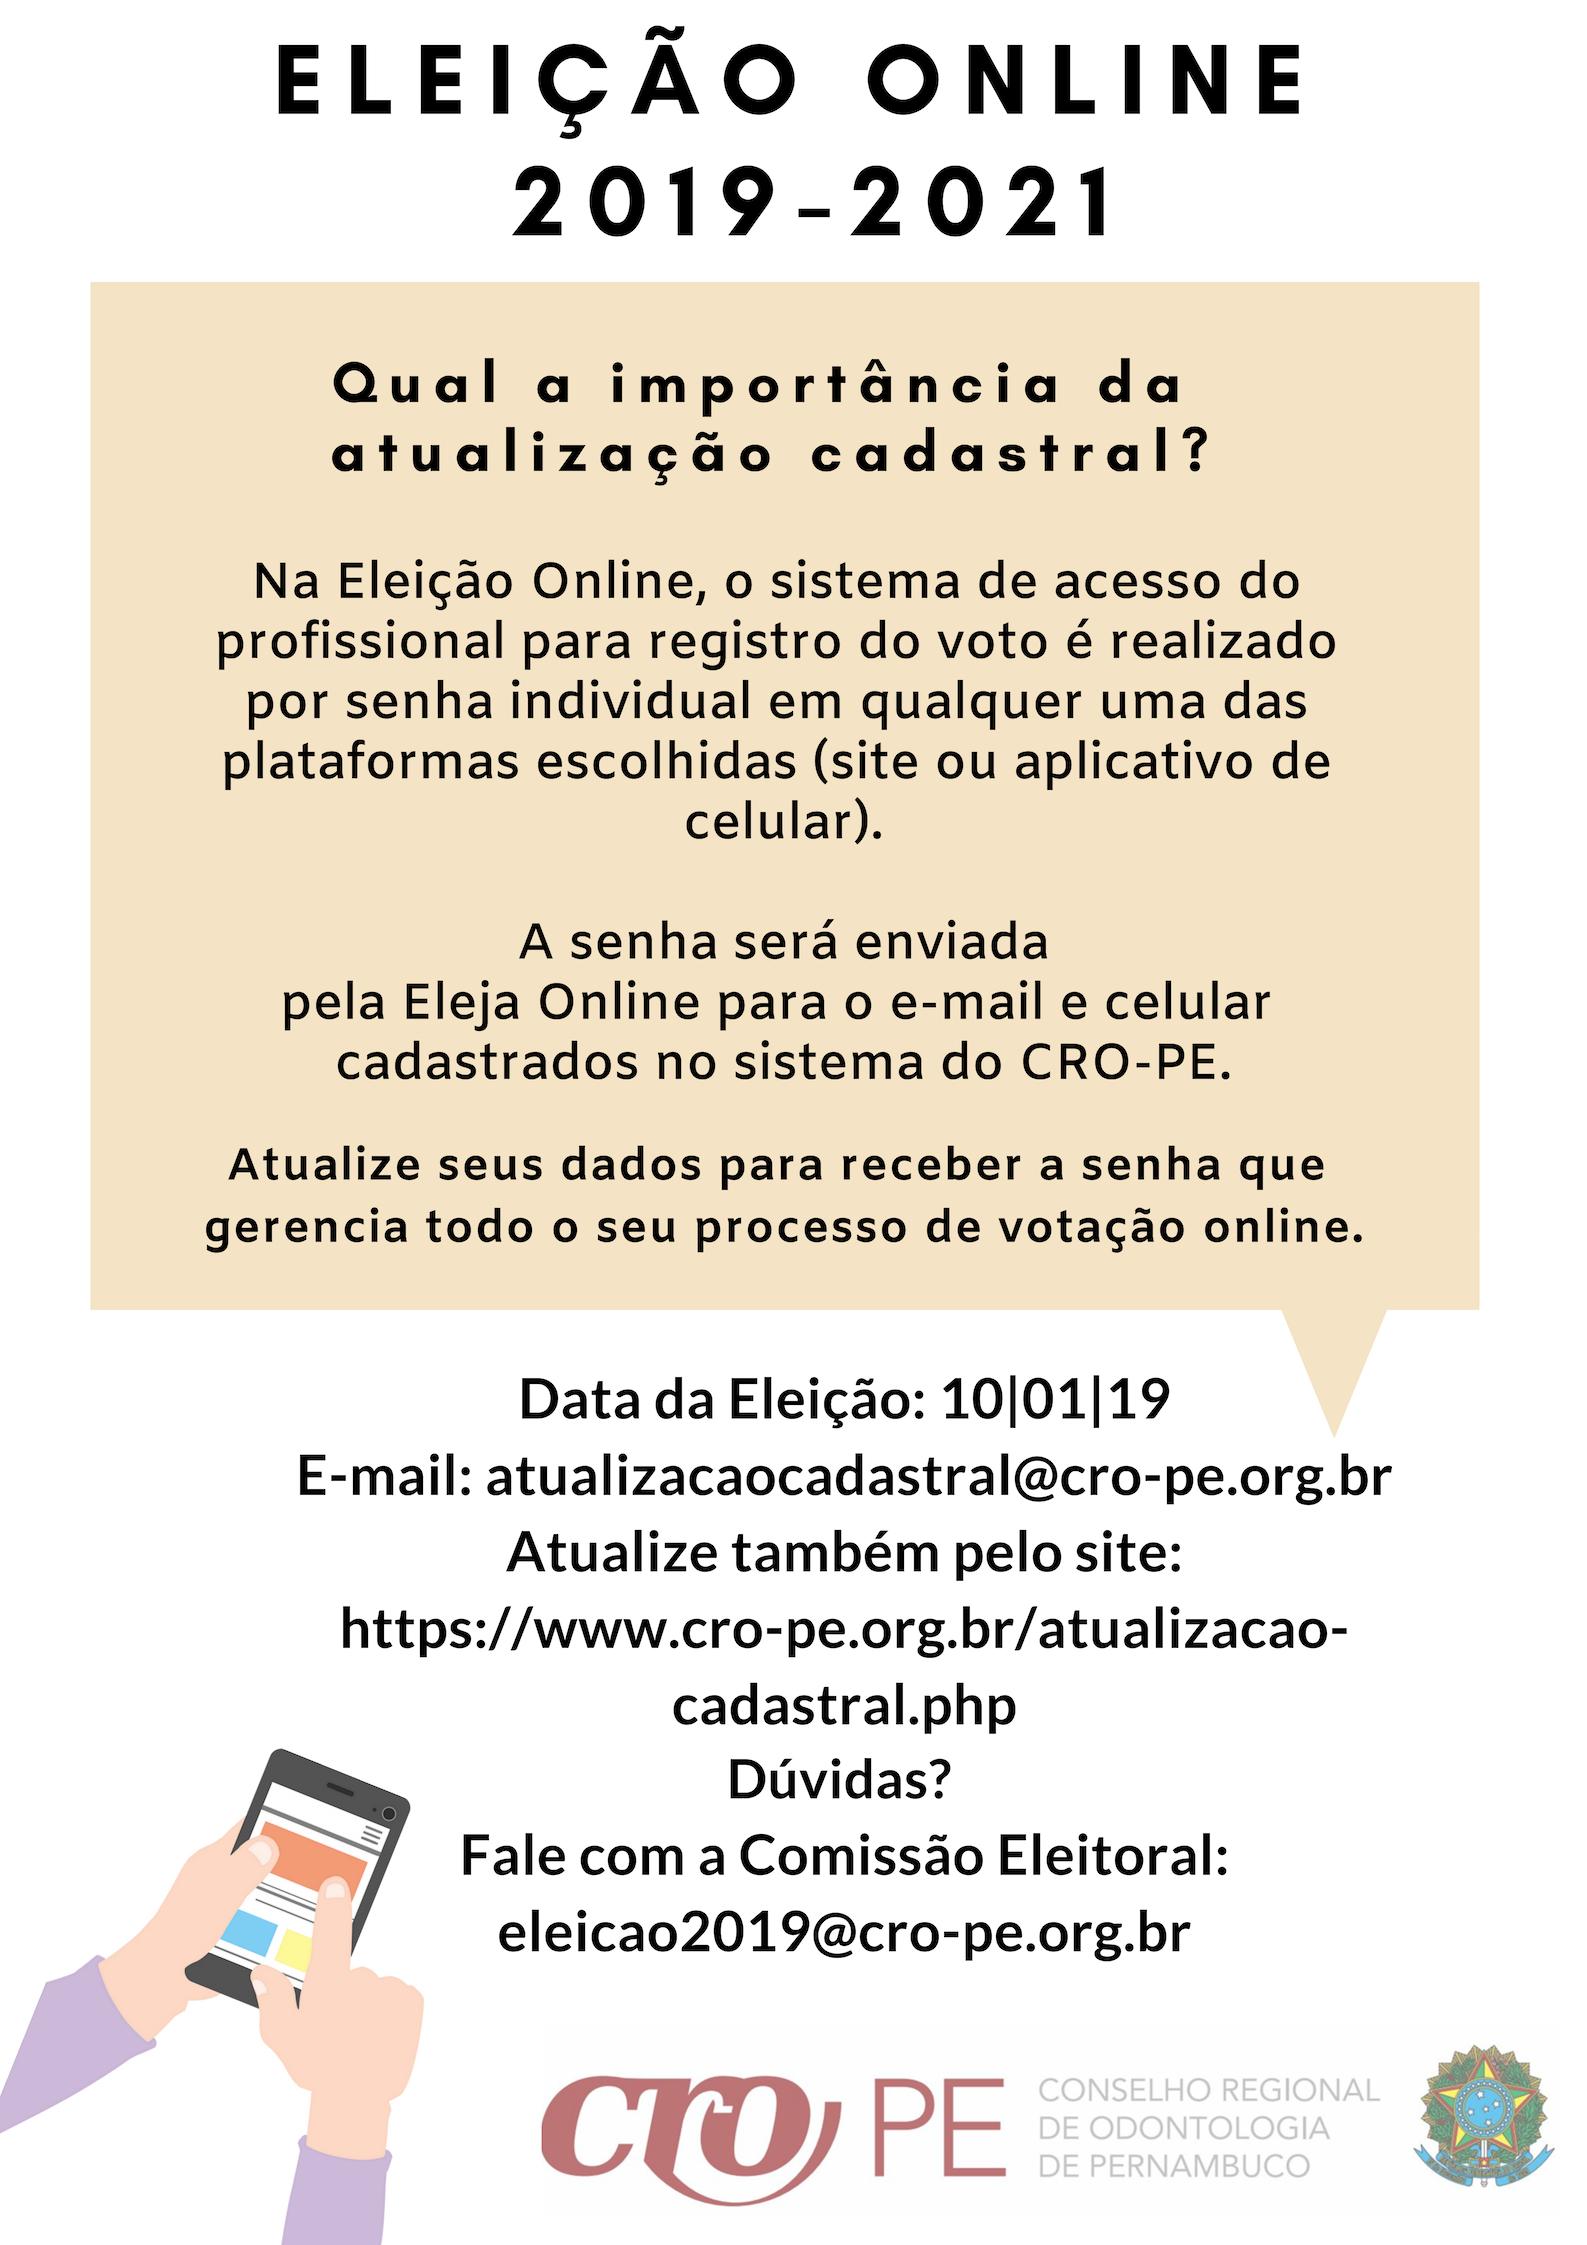 86c2fb34dd Banner informativo - Importância da Atualização Cadastral - Eleição Online  - Biênio 2019-2021